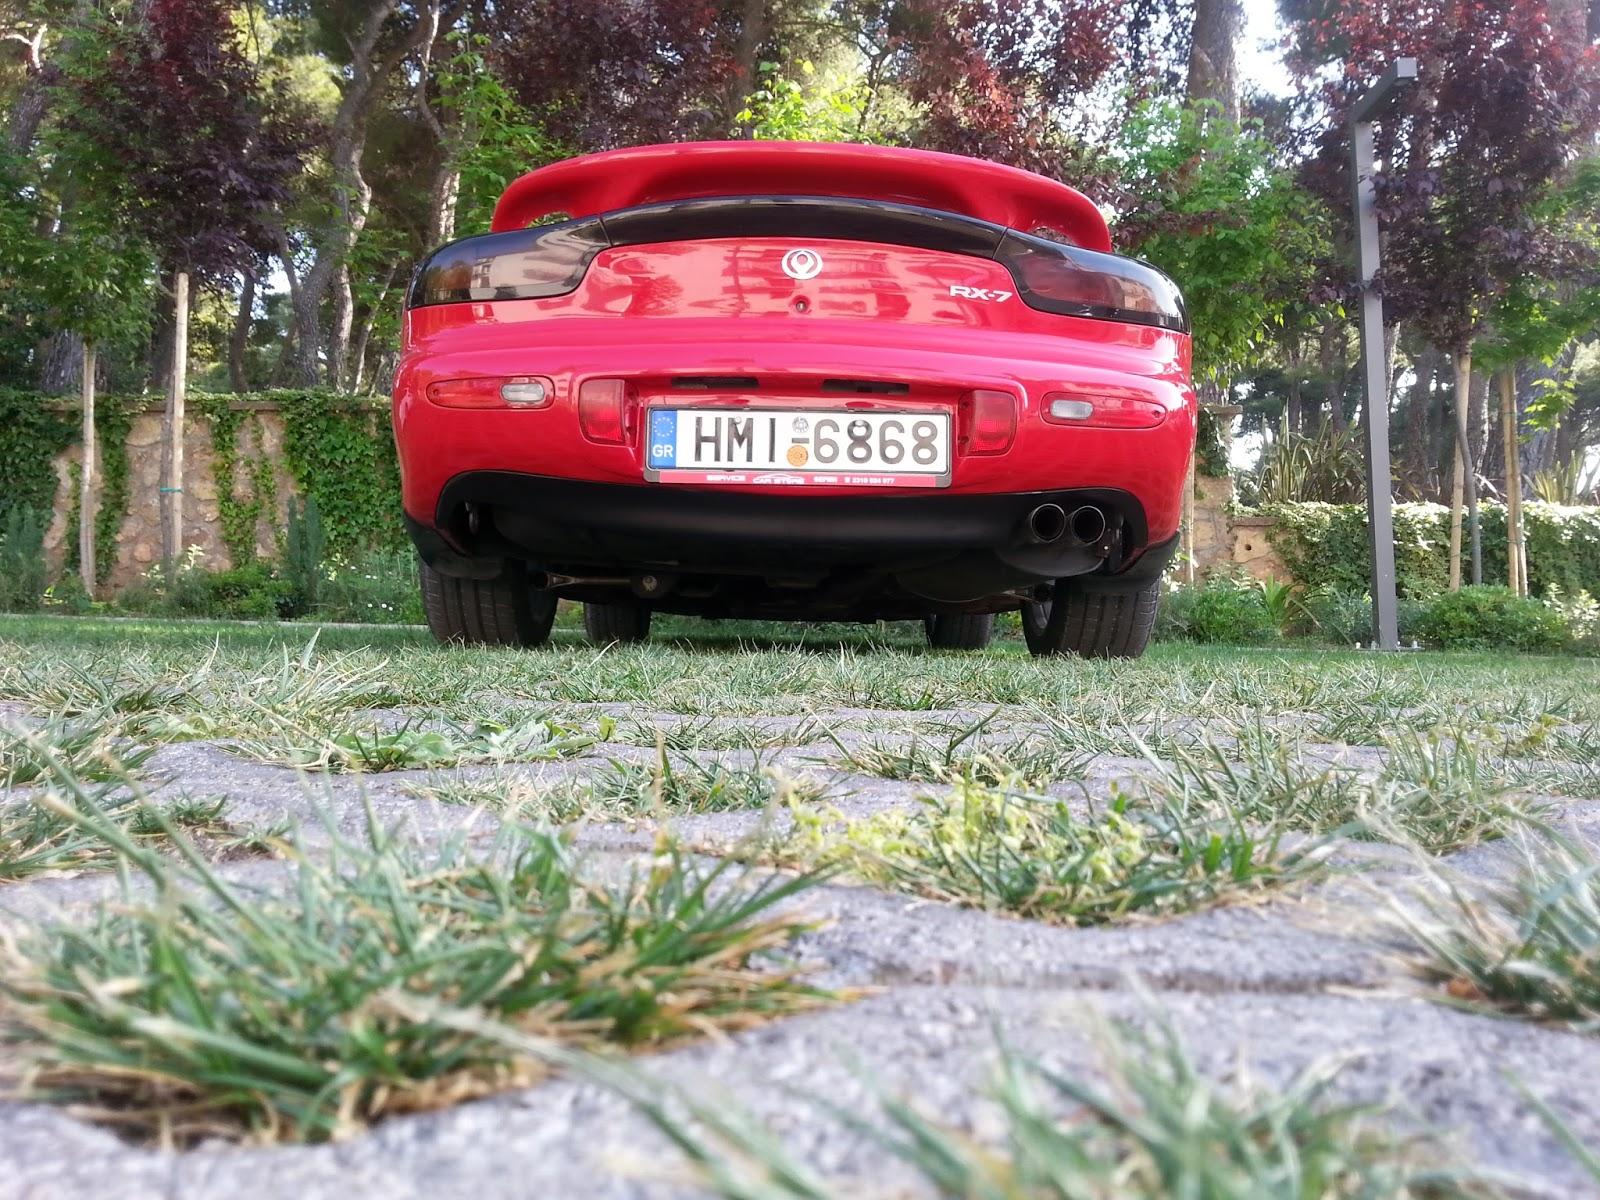 13 Όταν οδήγησα ένα καινούριο Mazda RX-7 Mazda, Mazda RX-7, TEST, zblog, αυτοκίνητα, ΔΟΚΙΜΕΣ, καινούρια, μεταχειρισμένα, οδηγούμε